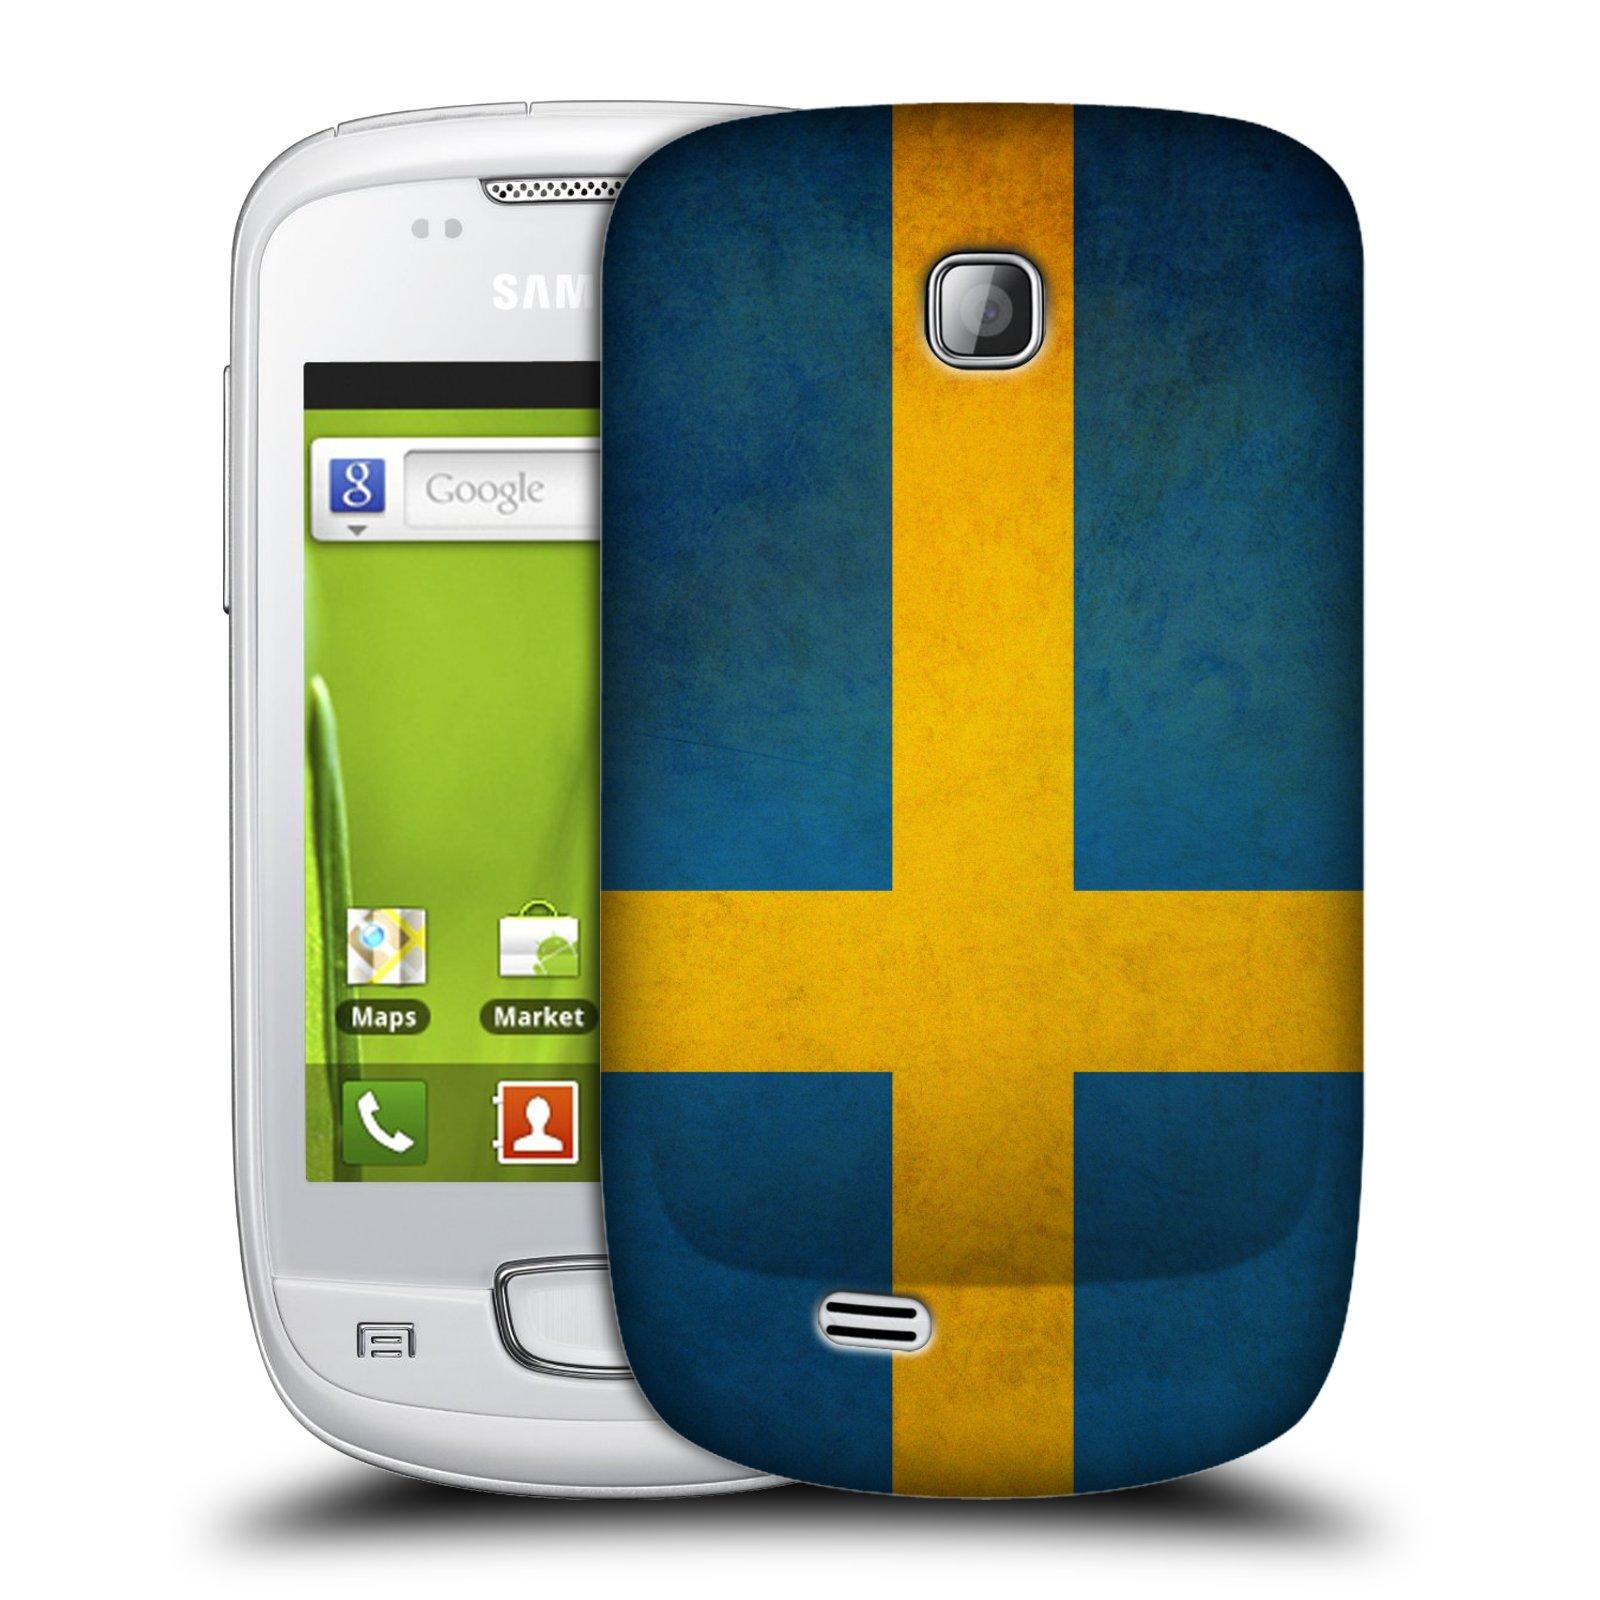 Plastové pouzdro na mobil Samsung Galaxy Mini HEAD CASE VLAJKA ŠVÉDSKO (Kryt či obal na mobilní telefon Samsung Galaxy Mini GT-S5570 / GT-S5570i)